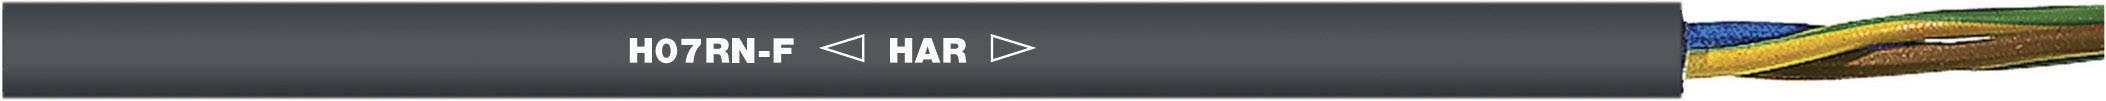 Přístrojové kabely